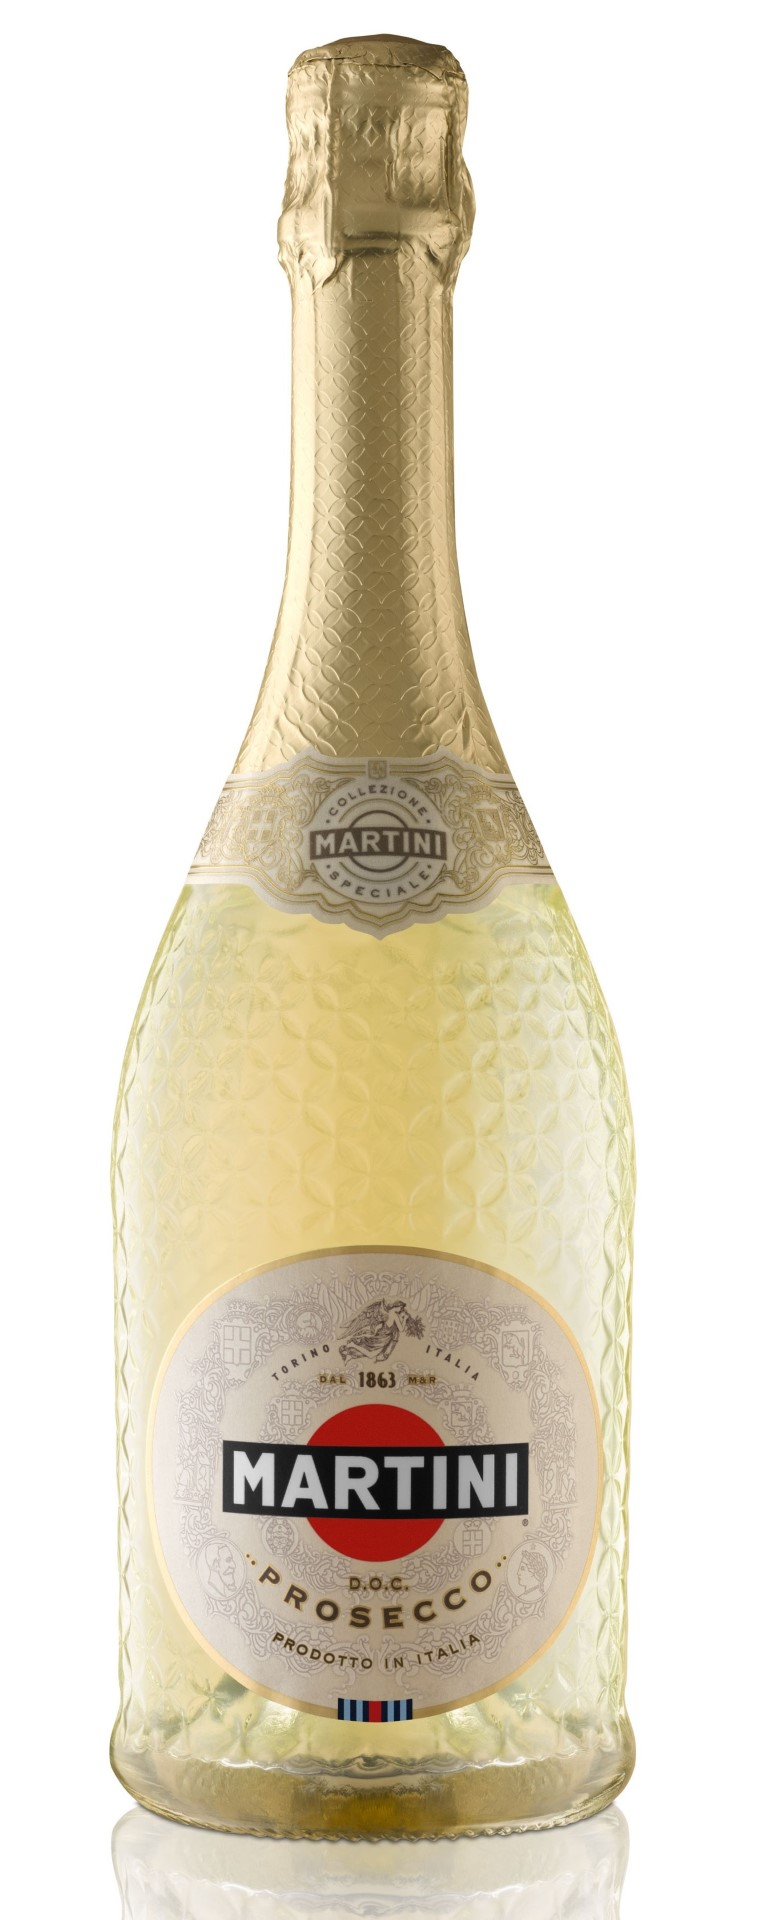 2016 Martini Prosecco DOC